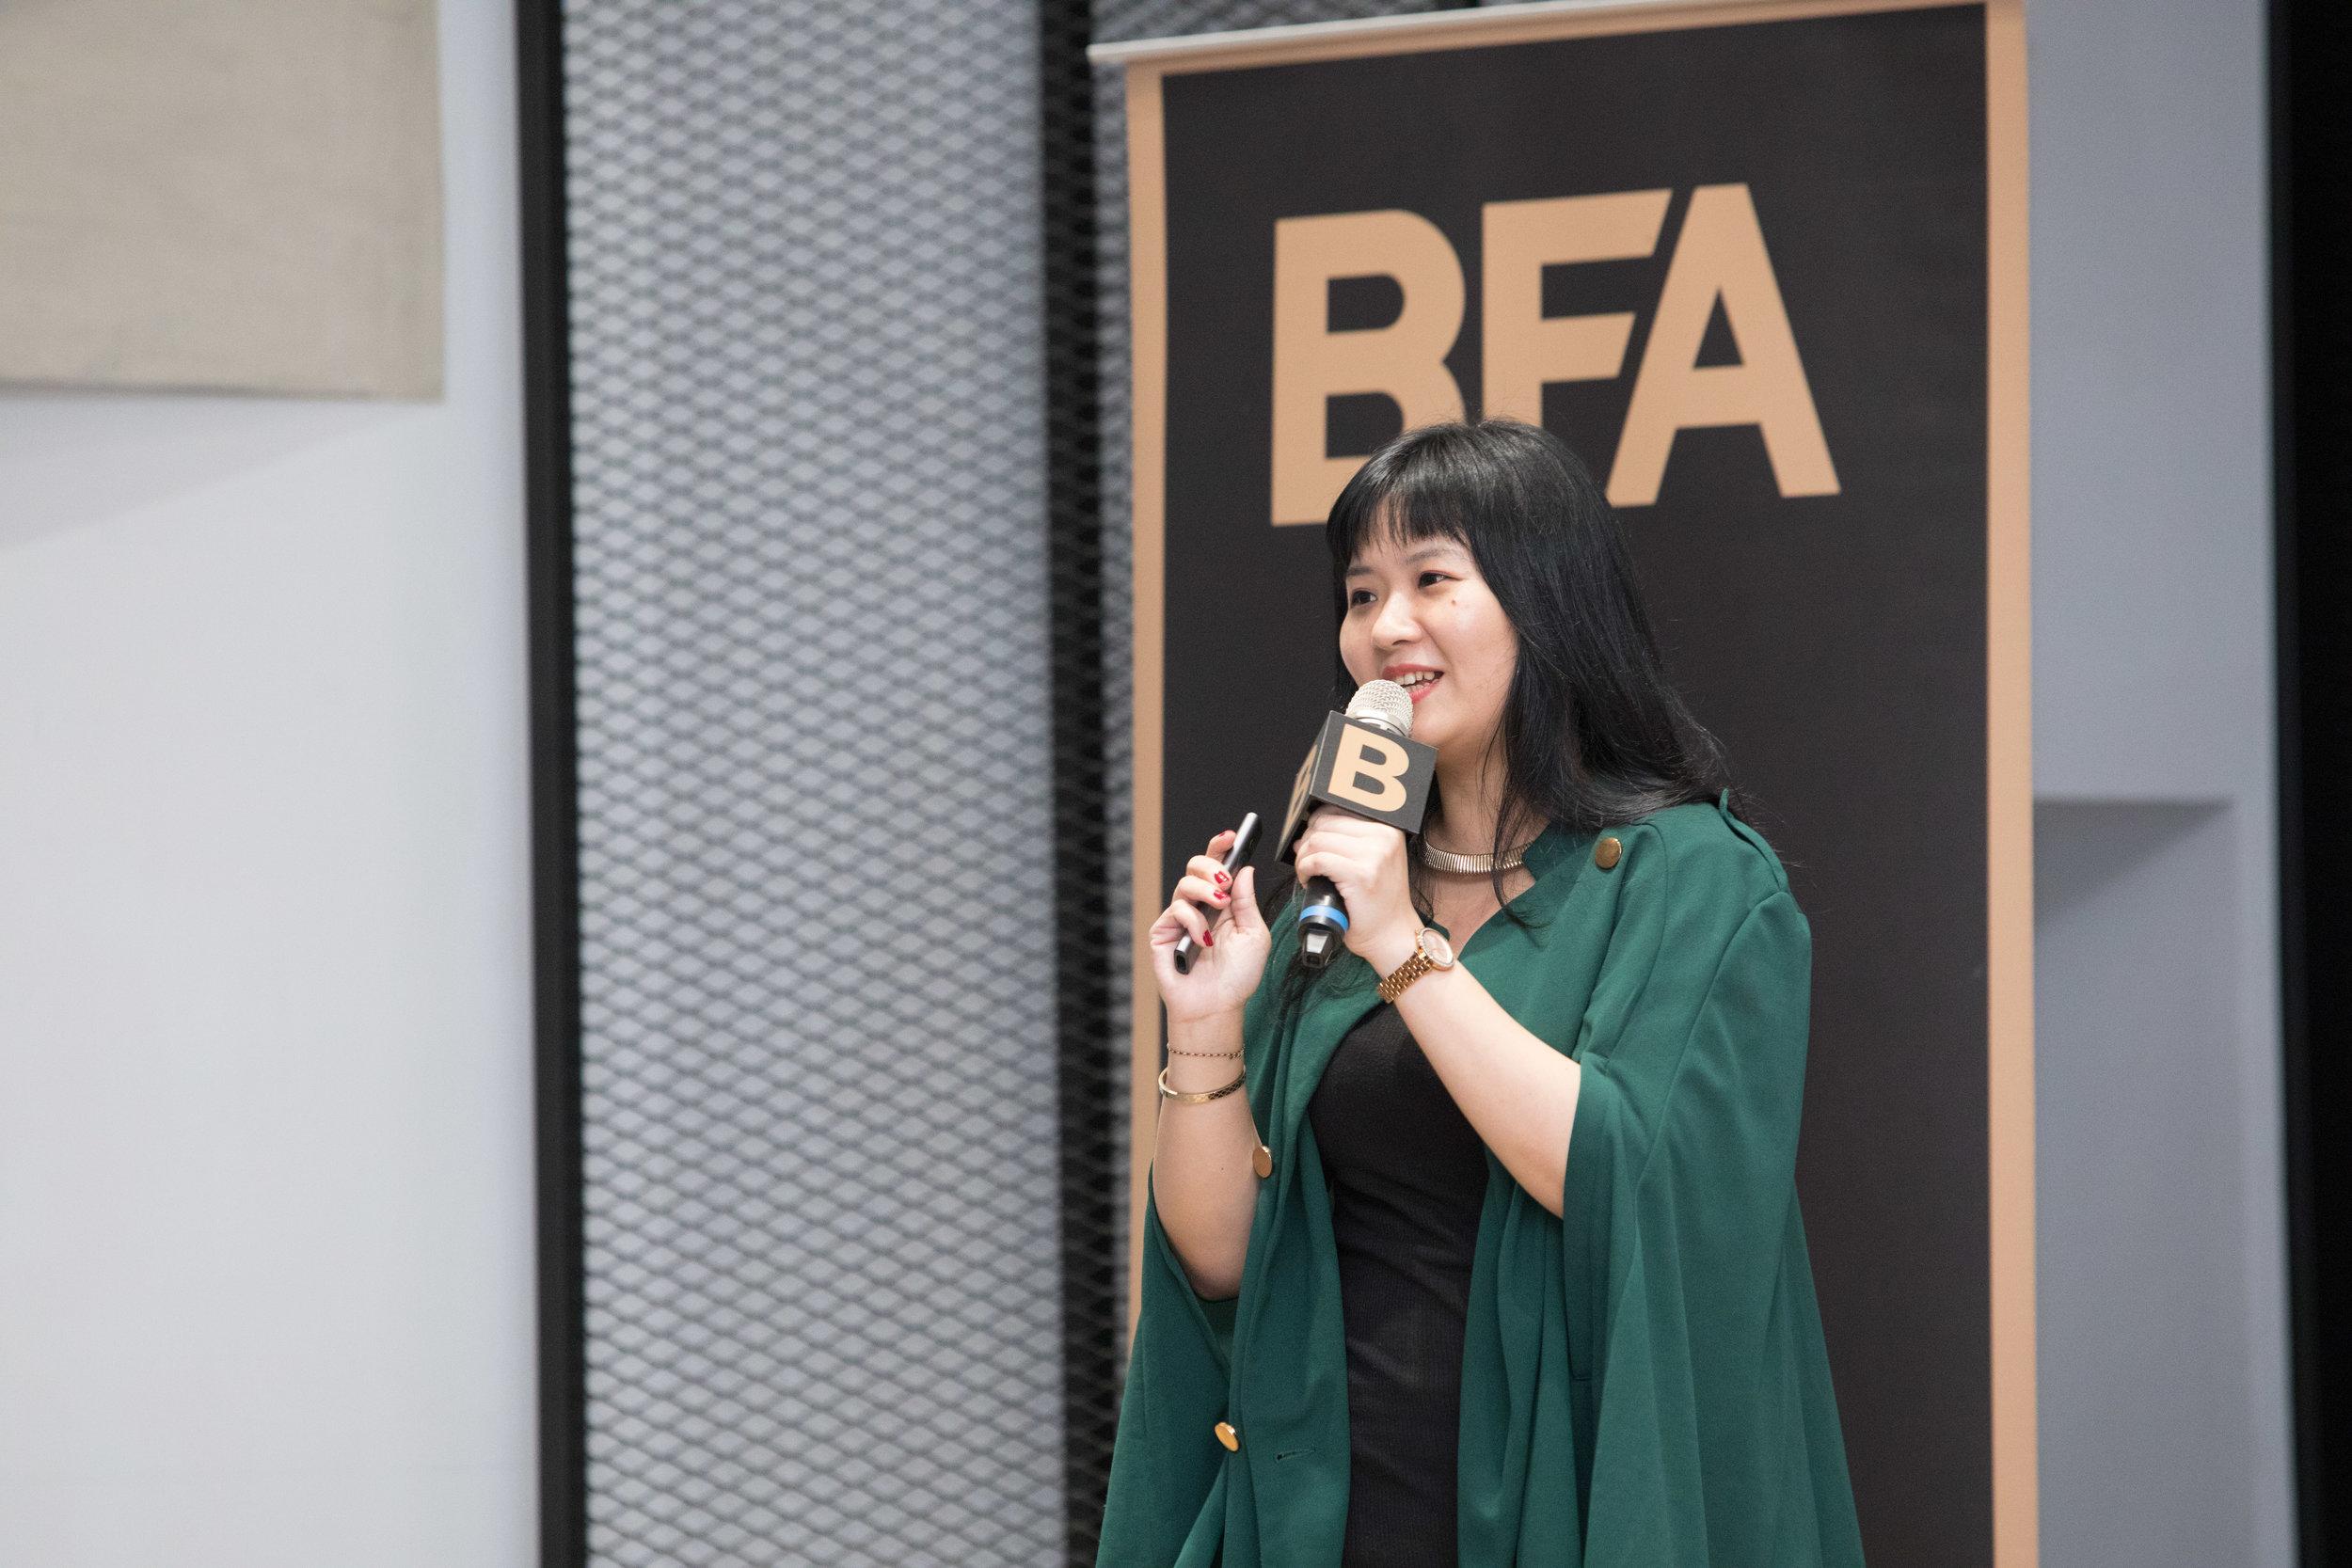 美麗佳人國際中文版資深整合行銷經理 陳佩婷:用專業說服彼此,突破溝通障礙